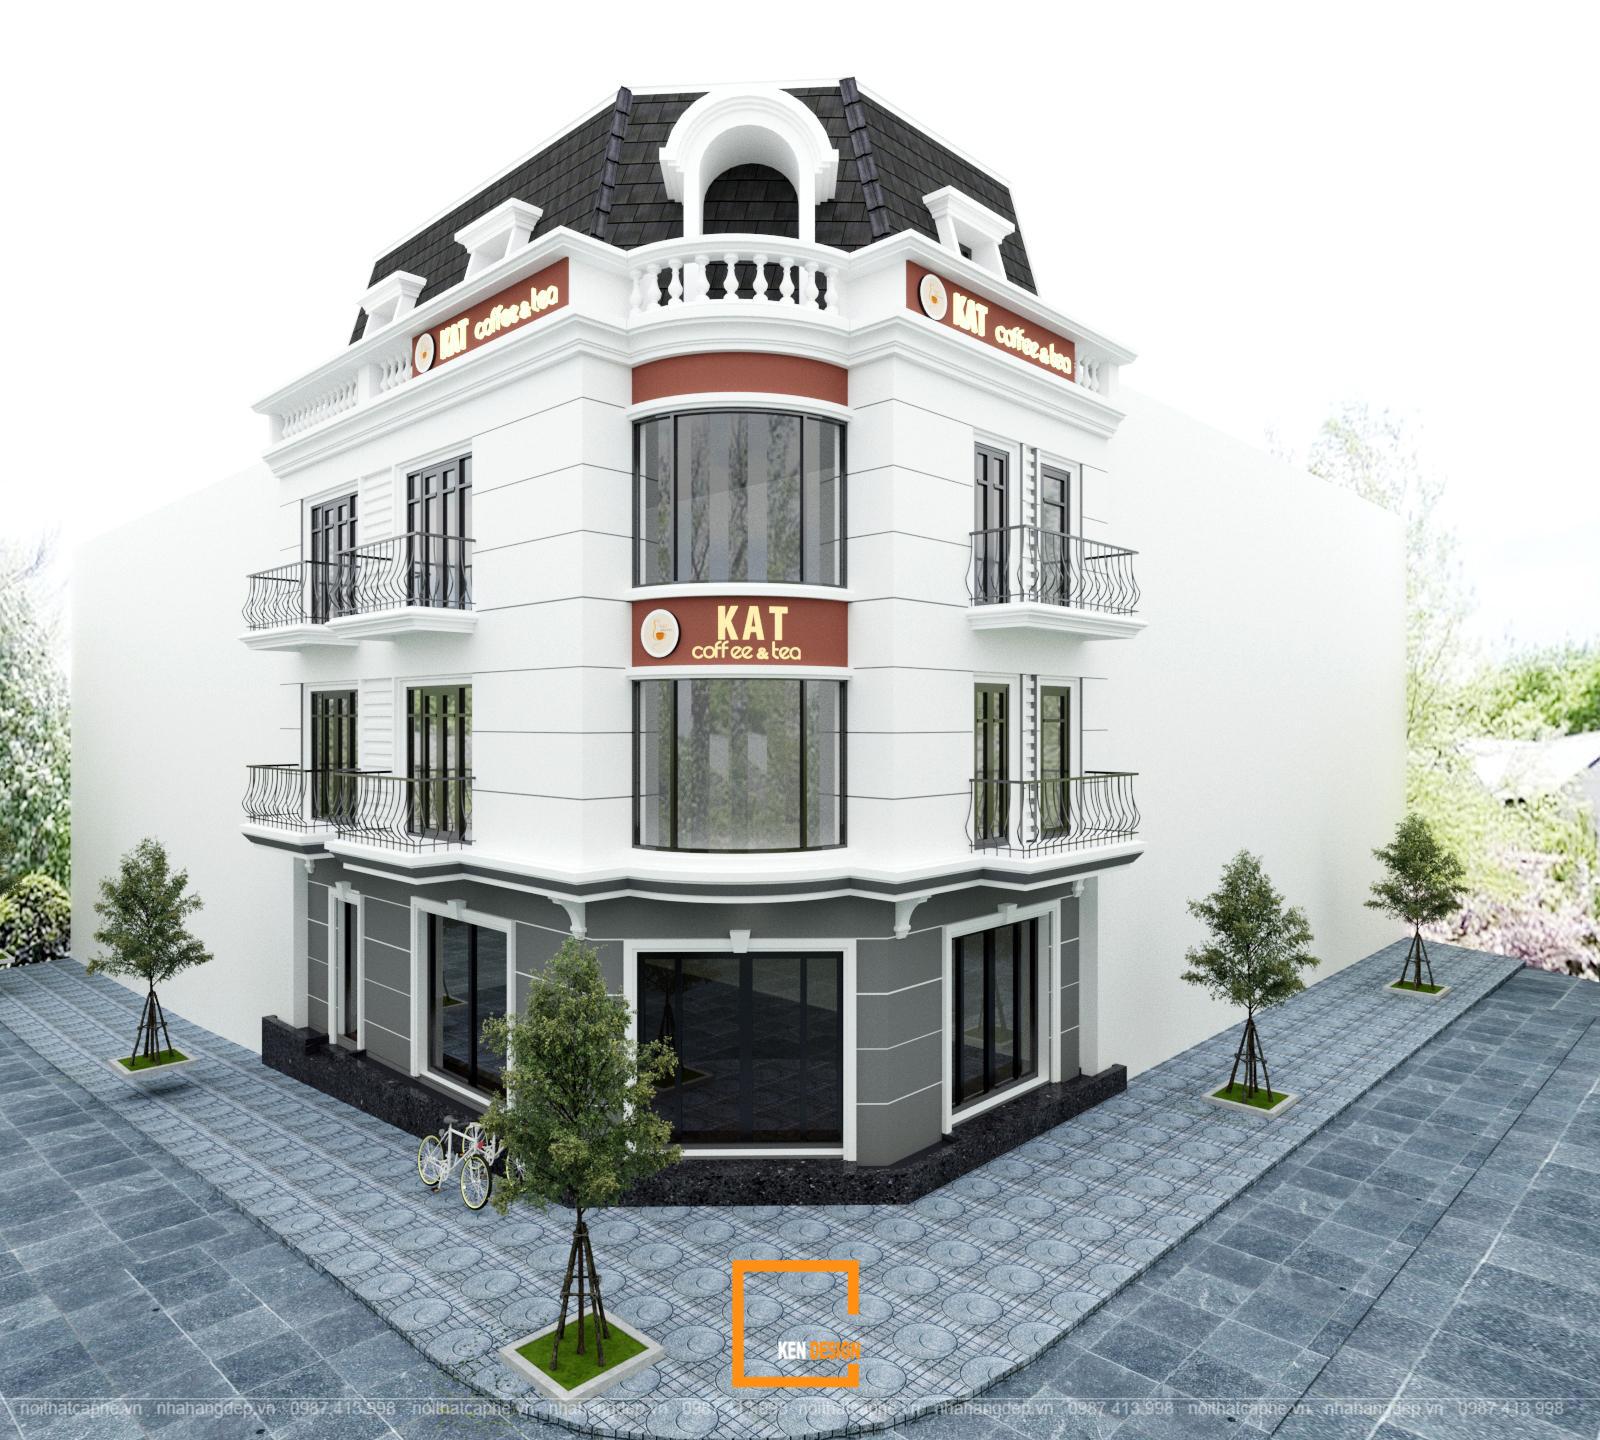 Thiết kế quán cafe Kat Coffee & Tea hiện đại, trẻ trung tại Vincom Phú Thọ